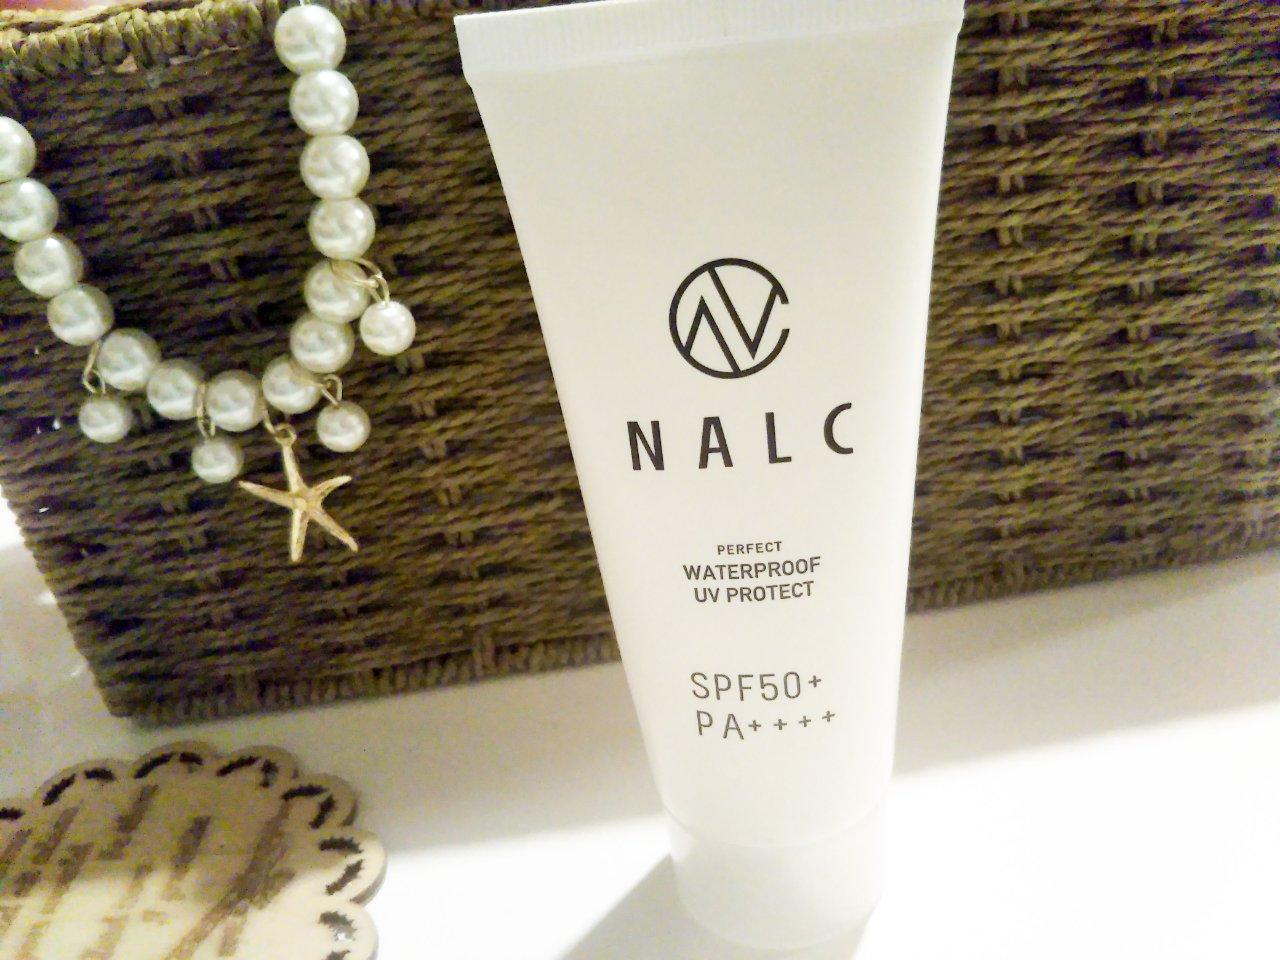 NALC (4)